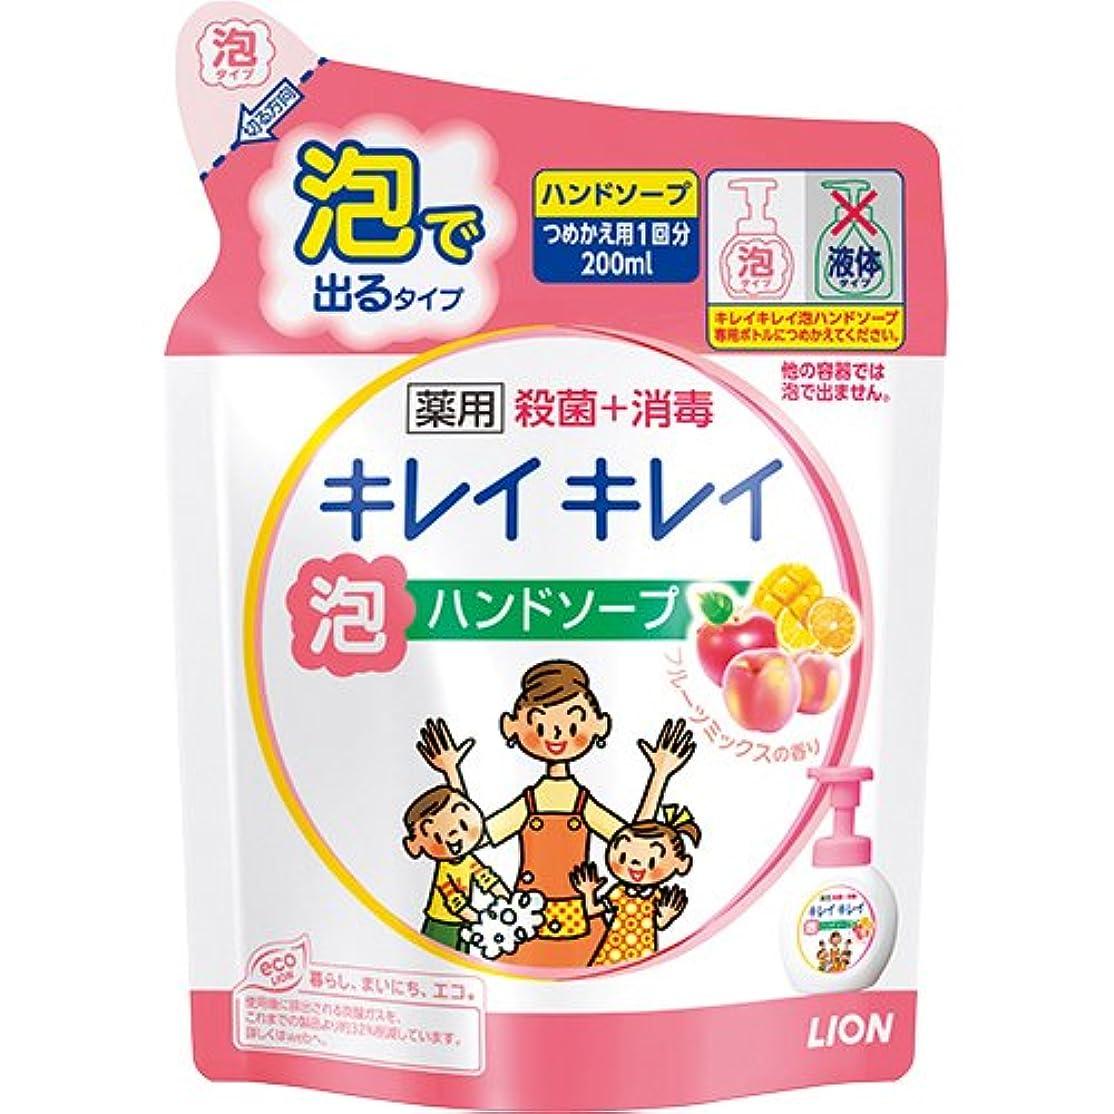 触手細胞二年生キレイキレイ 薬用泡ハンドソープ ミックスフルーツの香り 詰替 200ml